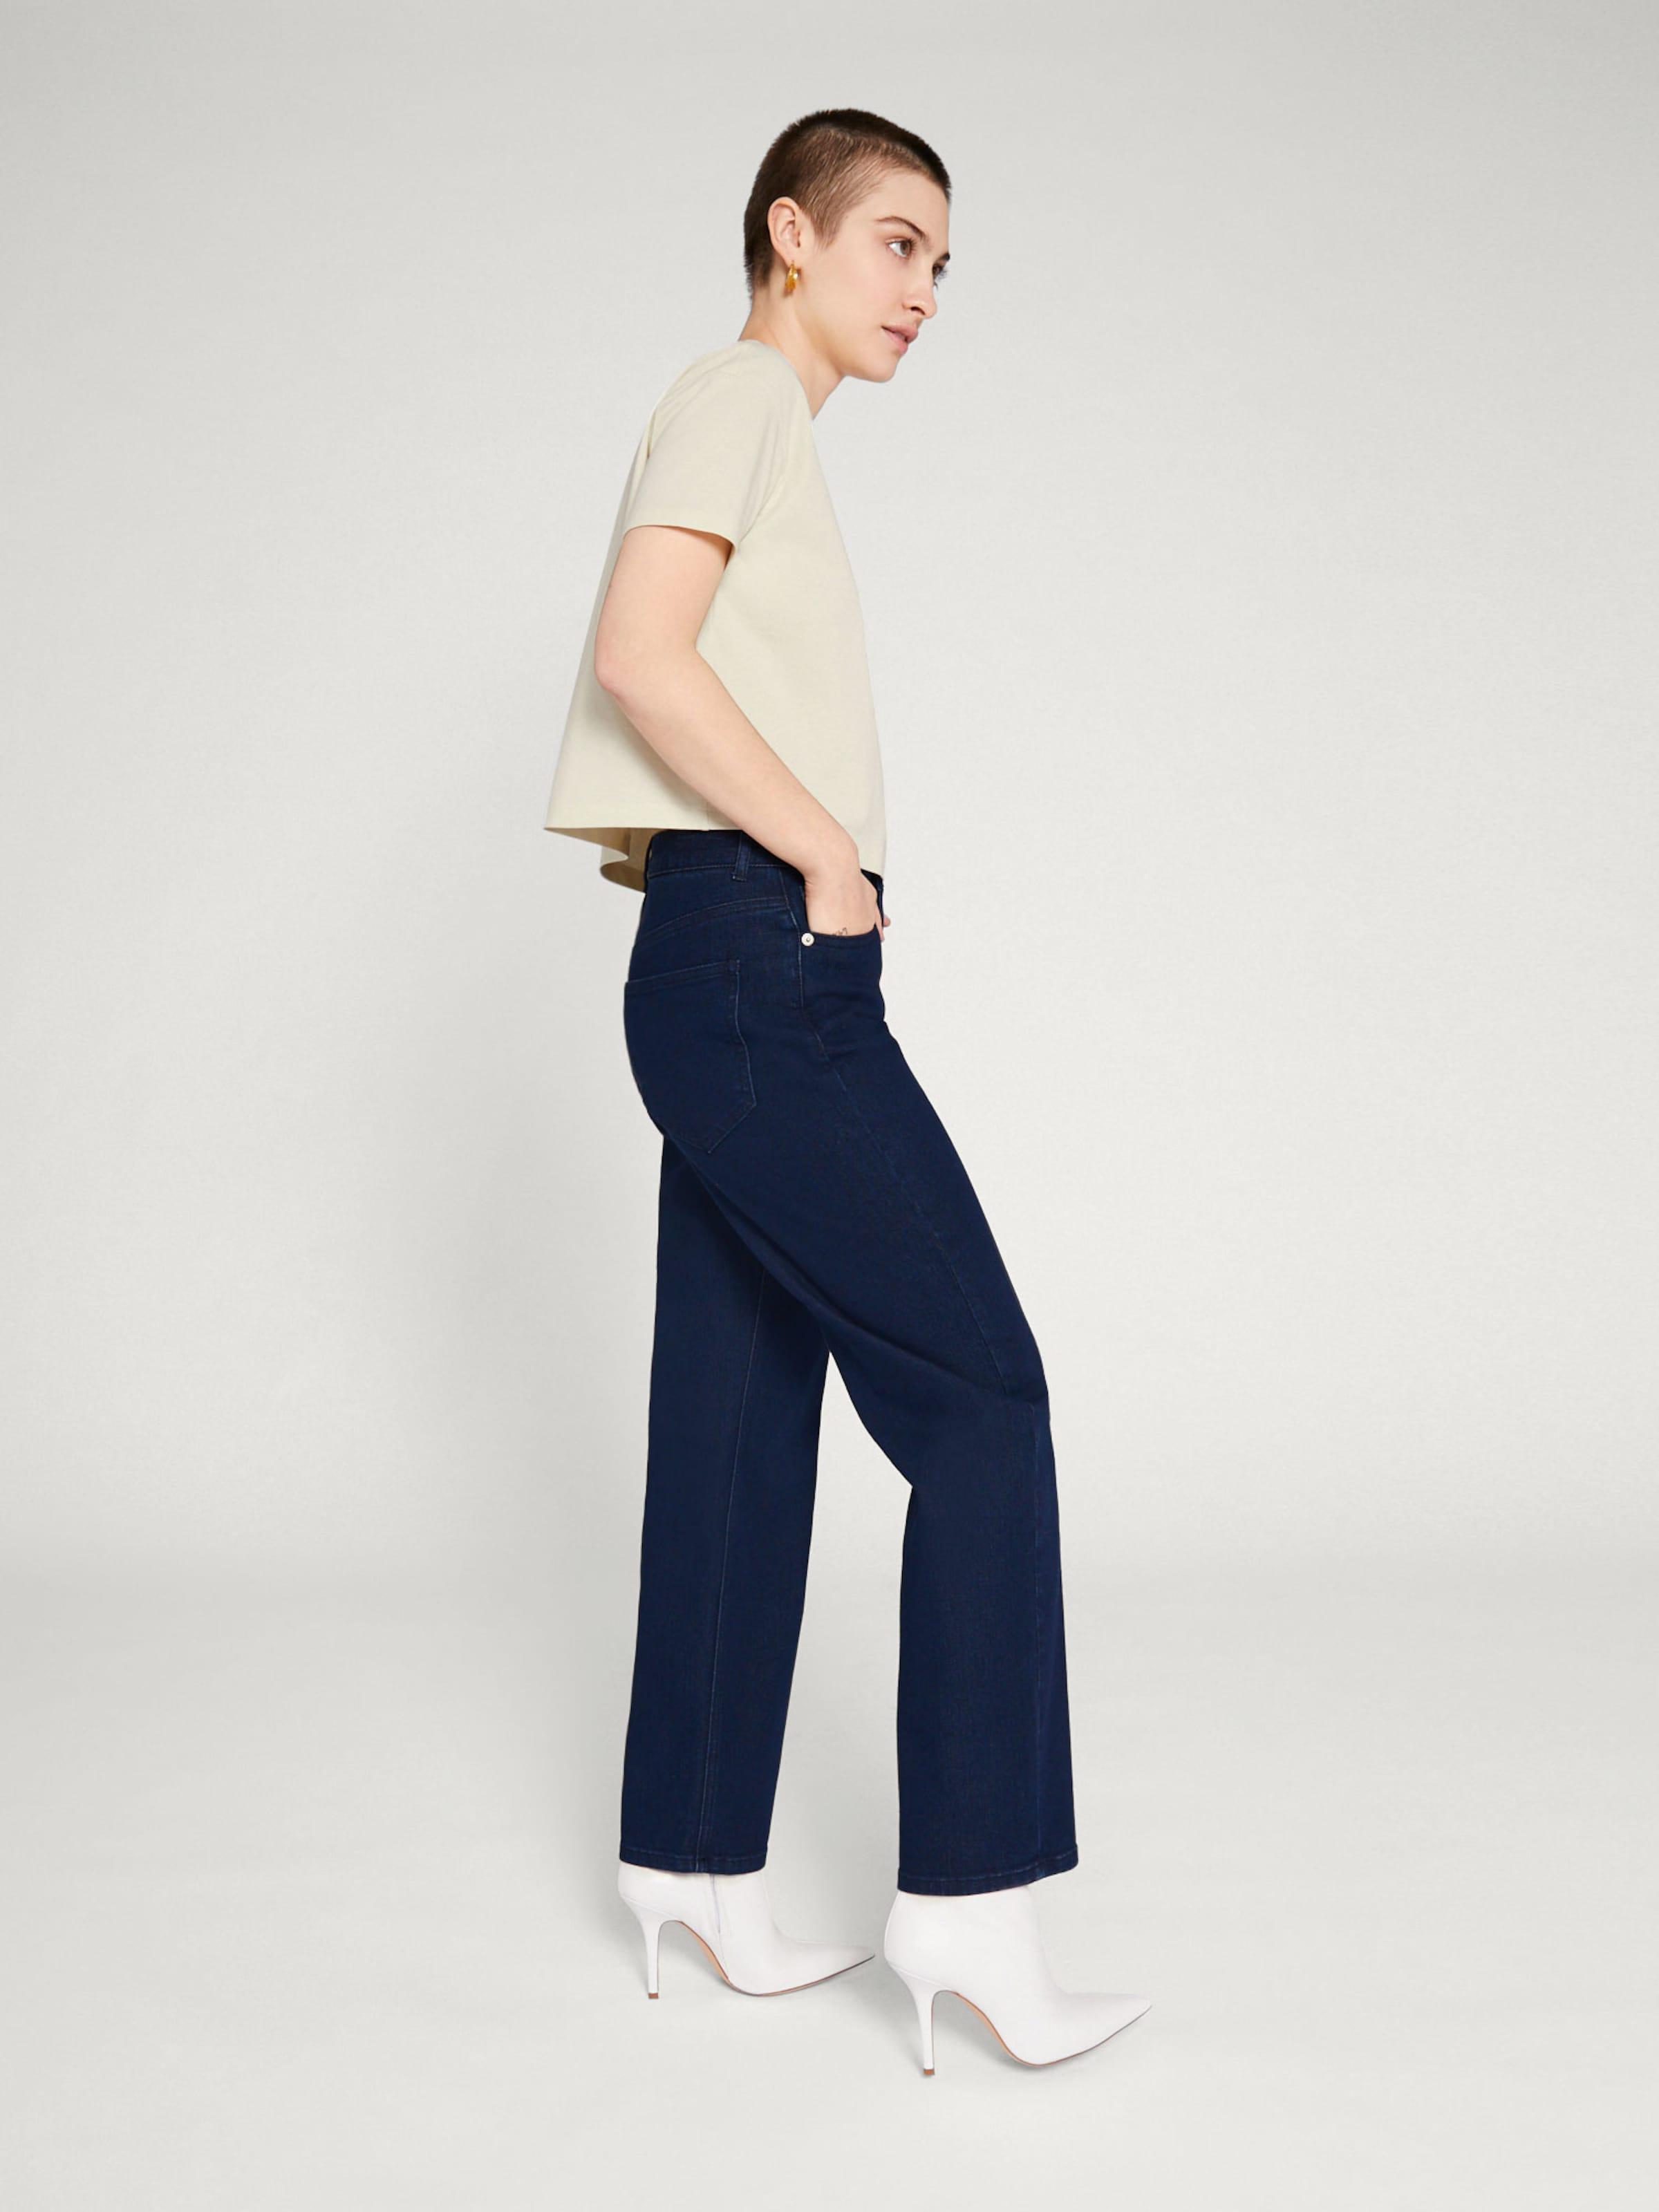 Edited Indigo Edited 'lauren' Indigo In Jeans Edited 'lauren' Jeans In Jeans 0nvwm8ONy